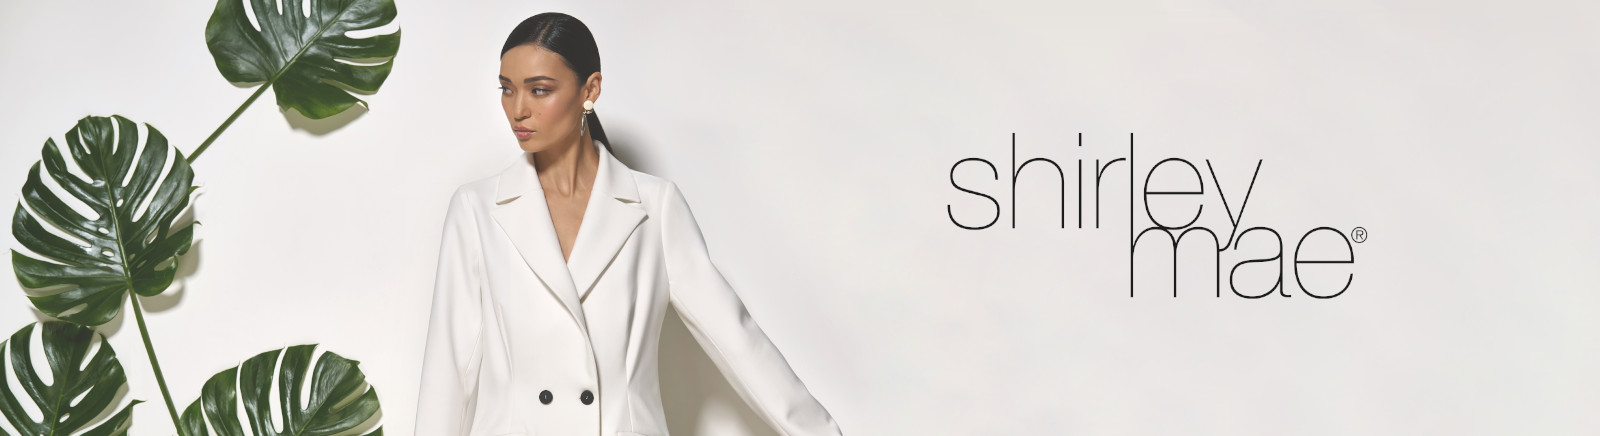 Shirley Mae Markenschuhe online kaufen im Shop von GISY